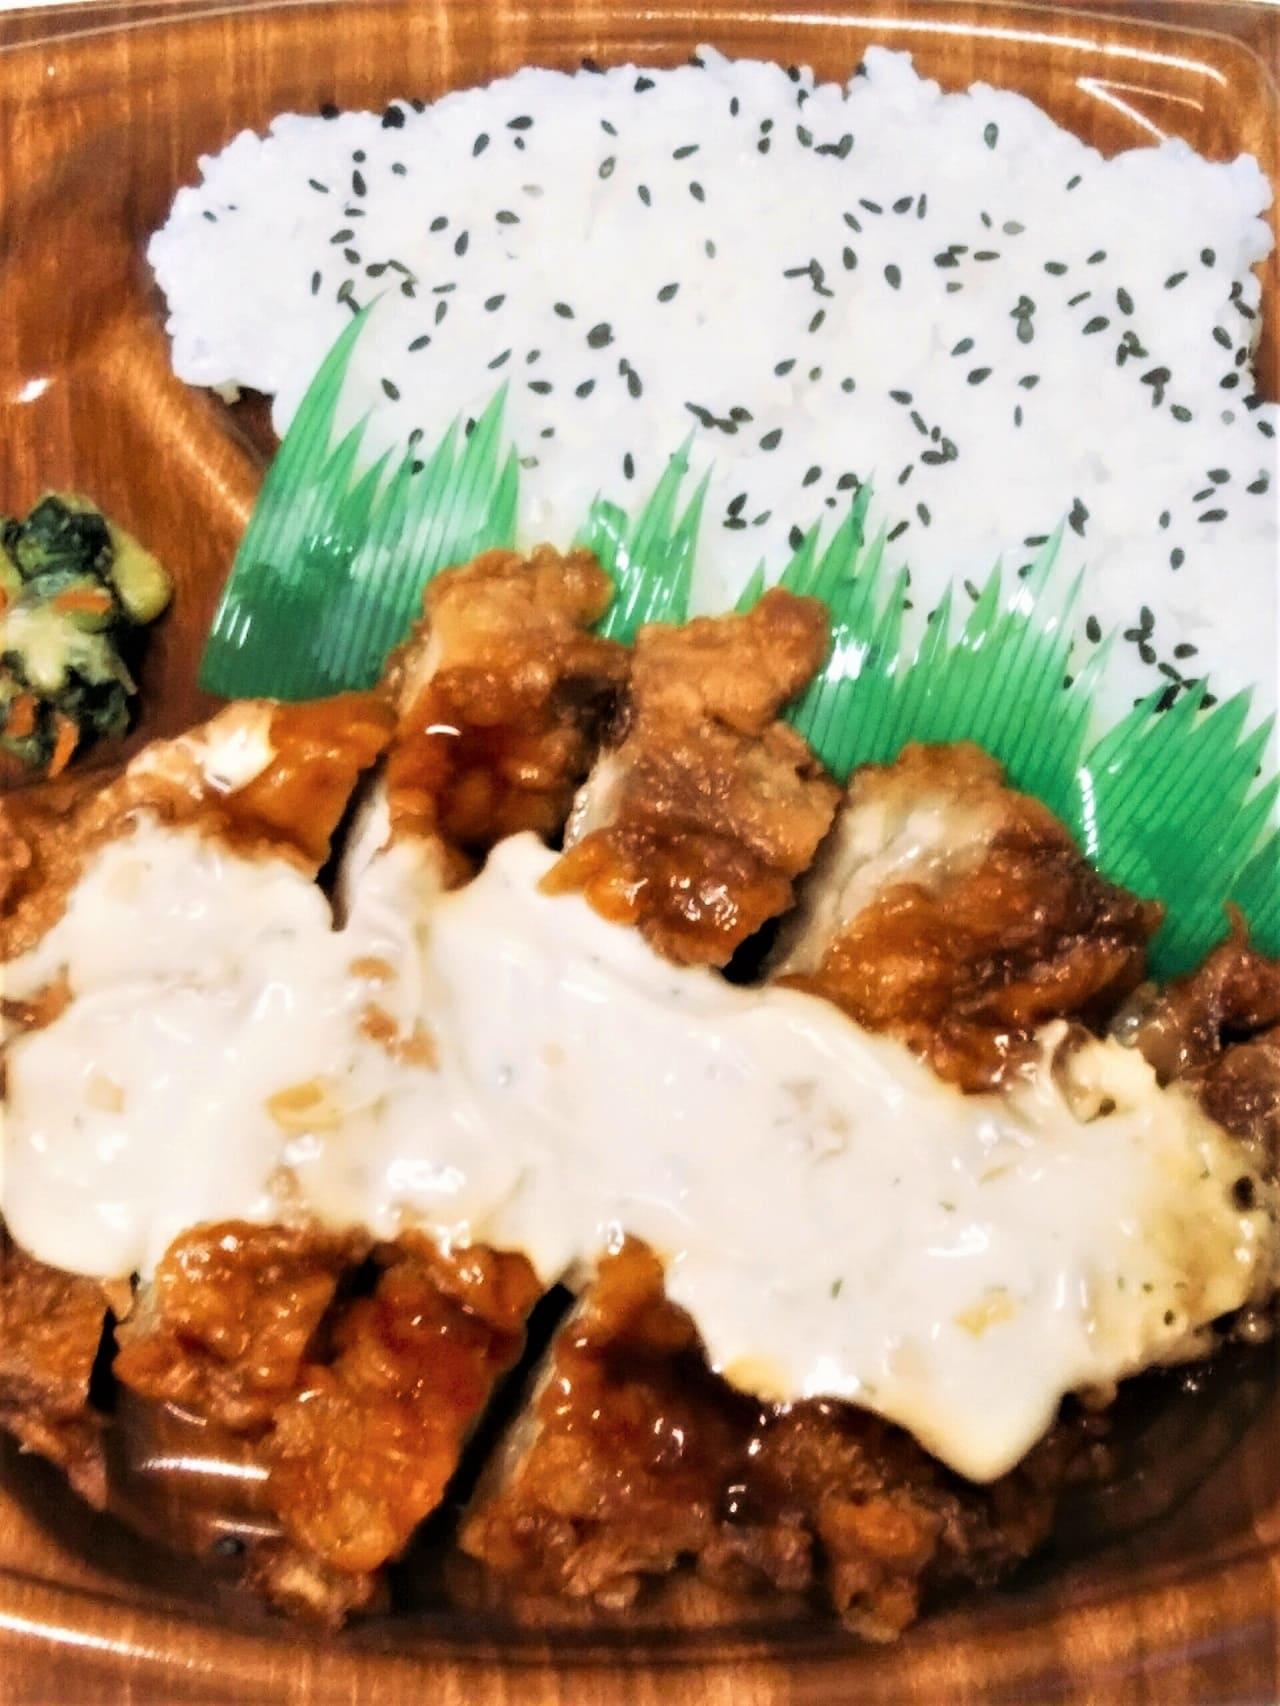 ミニストップの特製タルタルソースのチキン南蛮弁当